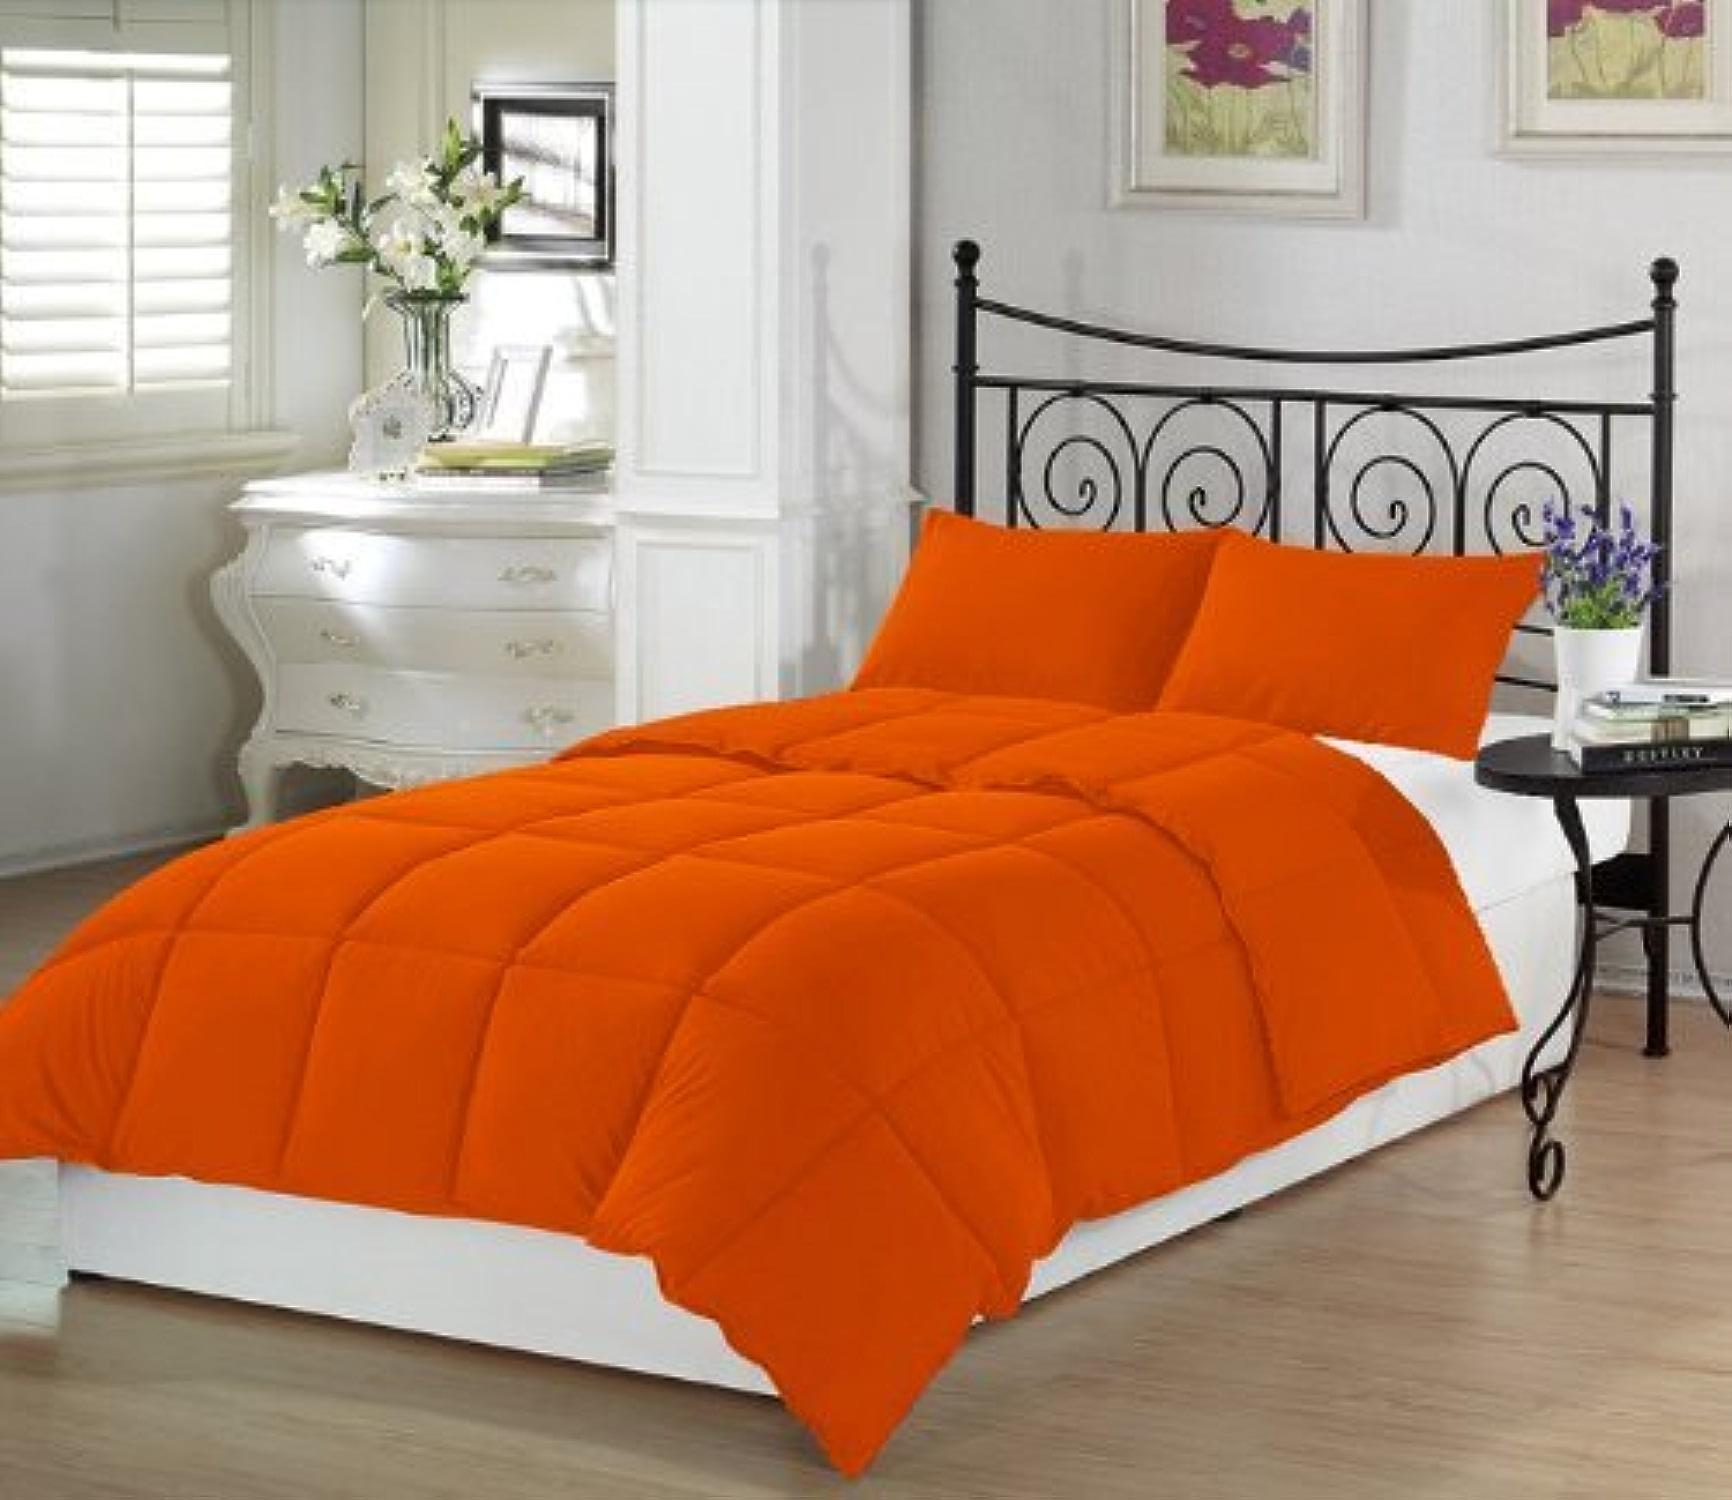 Dreamz Parure de lit Super Doux 100% Coton 300Fils 1Housse de Couette (200g m2 Fibre Fill) Euro très Petite Taille Unique, Orange Solide Coton égypcravaten 300tc Doudou